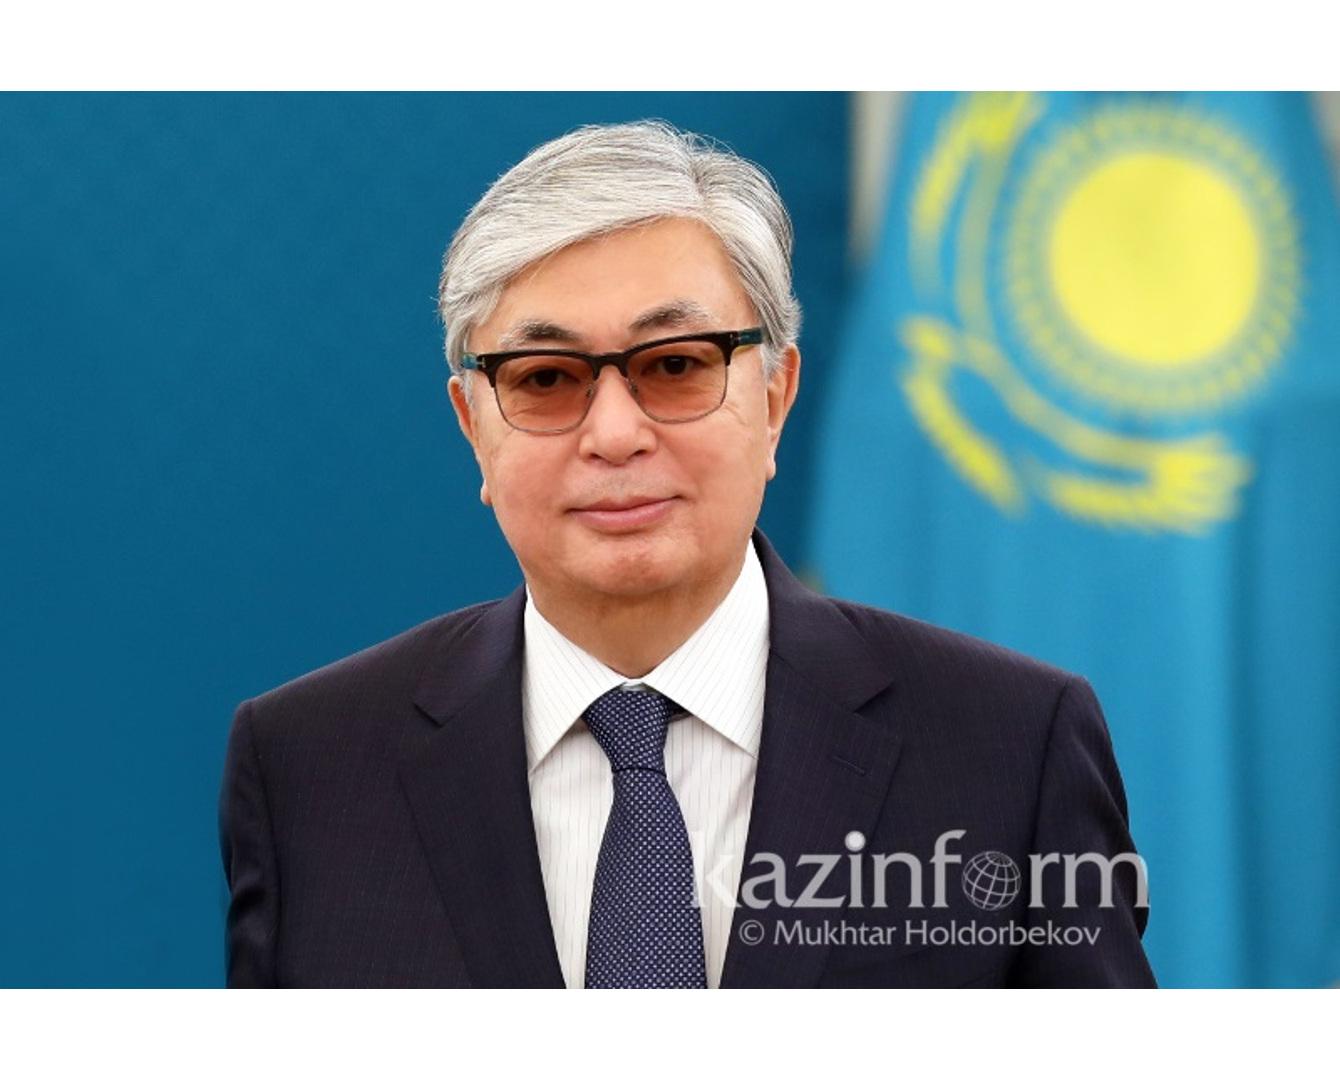 托卡耶夫总统抵达阿拉木图州 将观摩